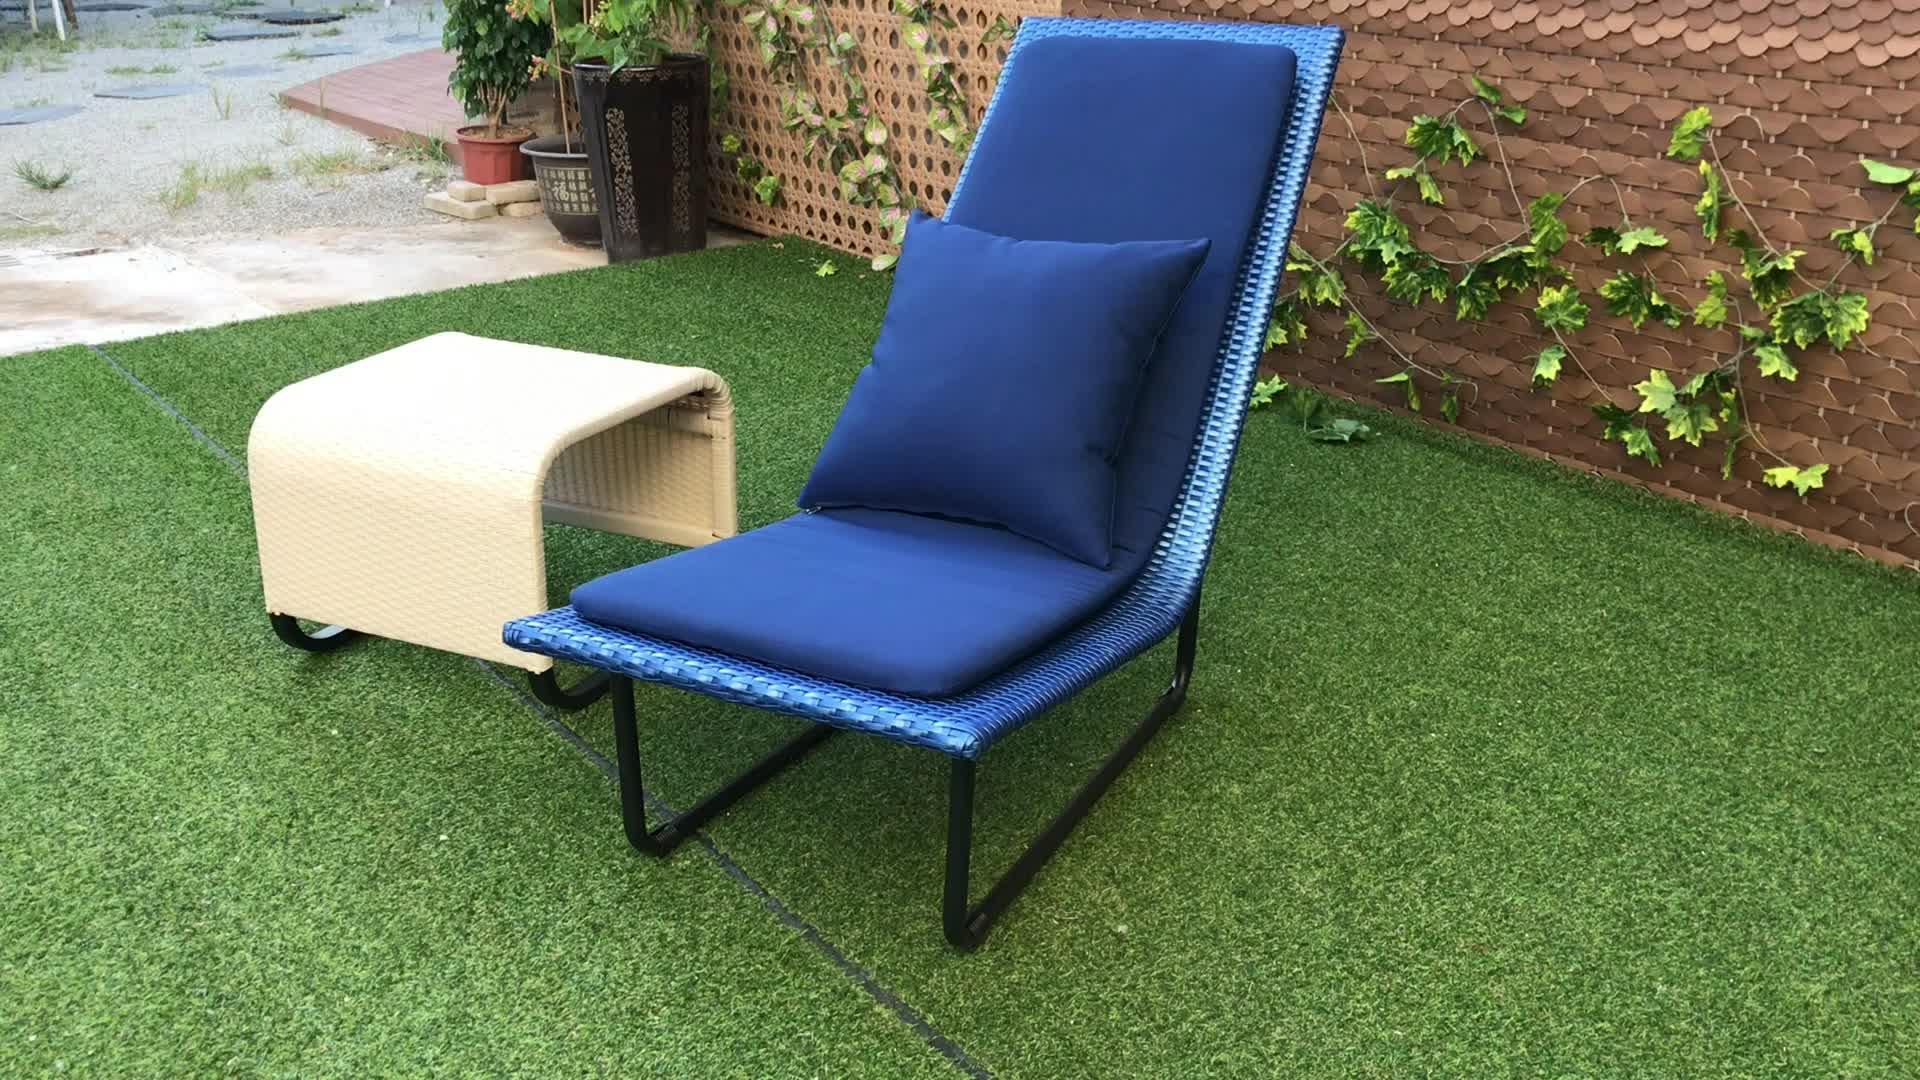 Garten rattan möbel terrasse stuhl set outdoor Stühle mit Kaffee Tisch Rattan Lounge-set